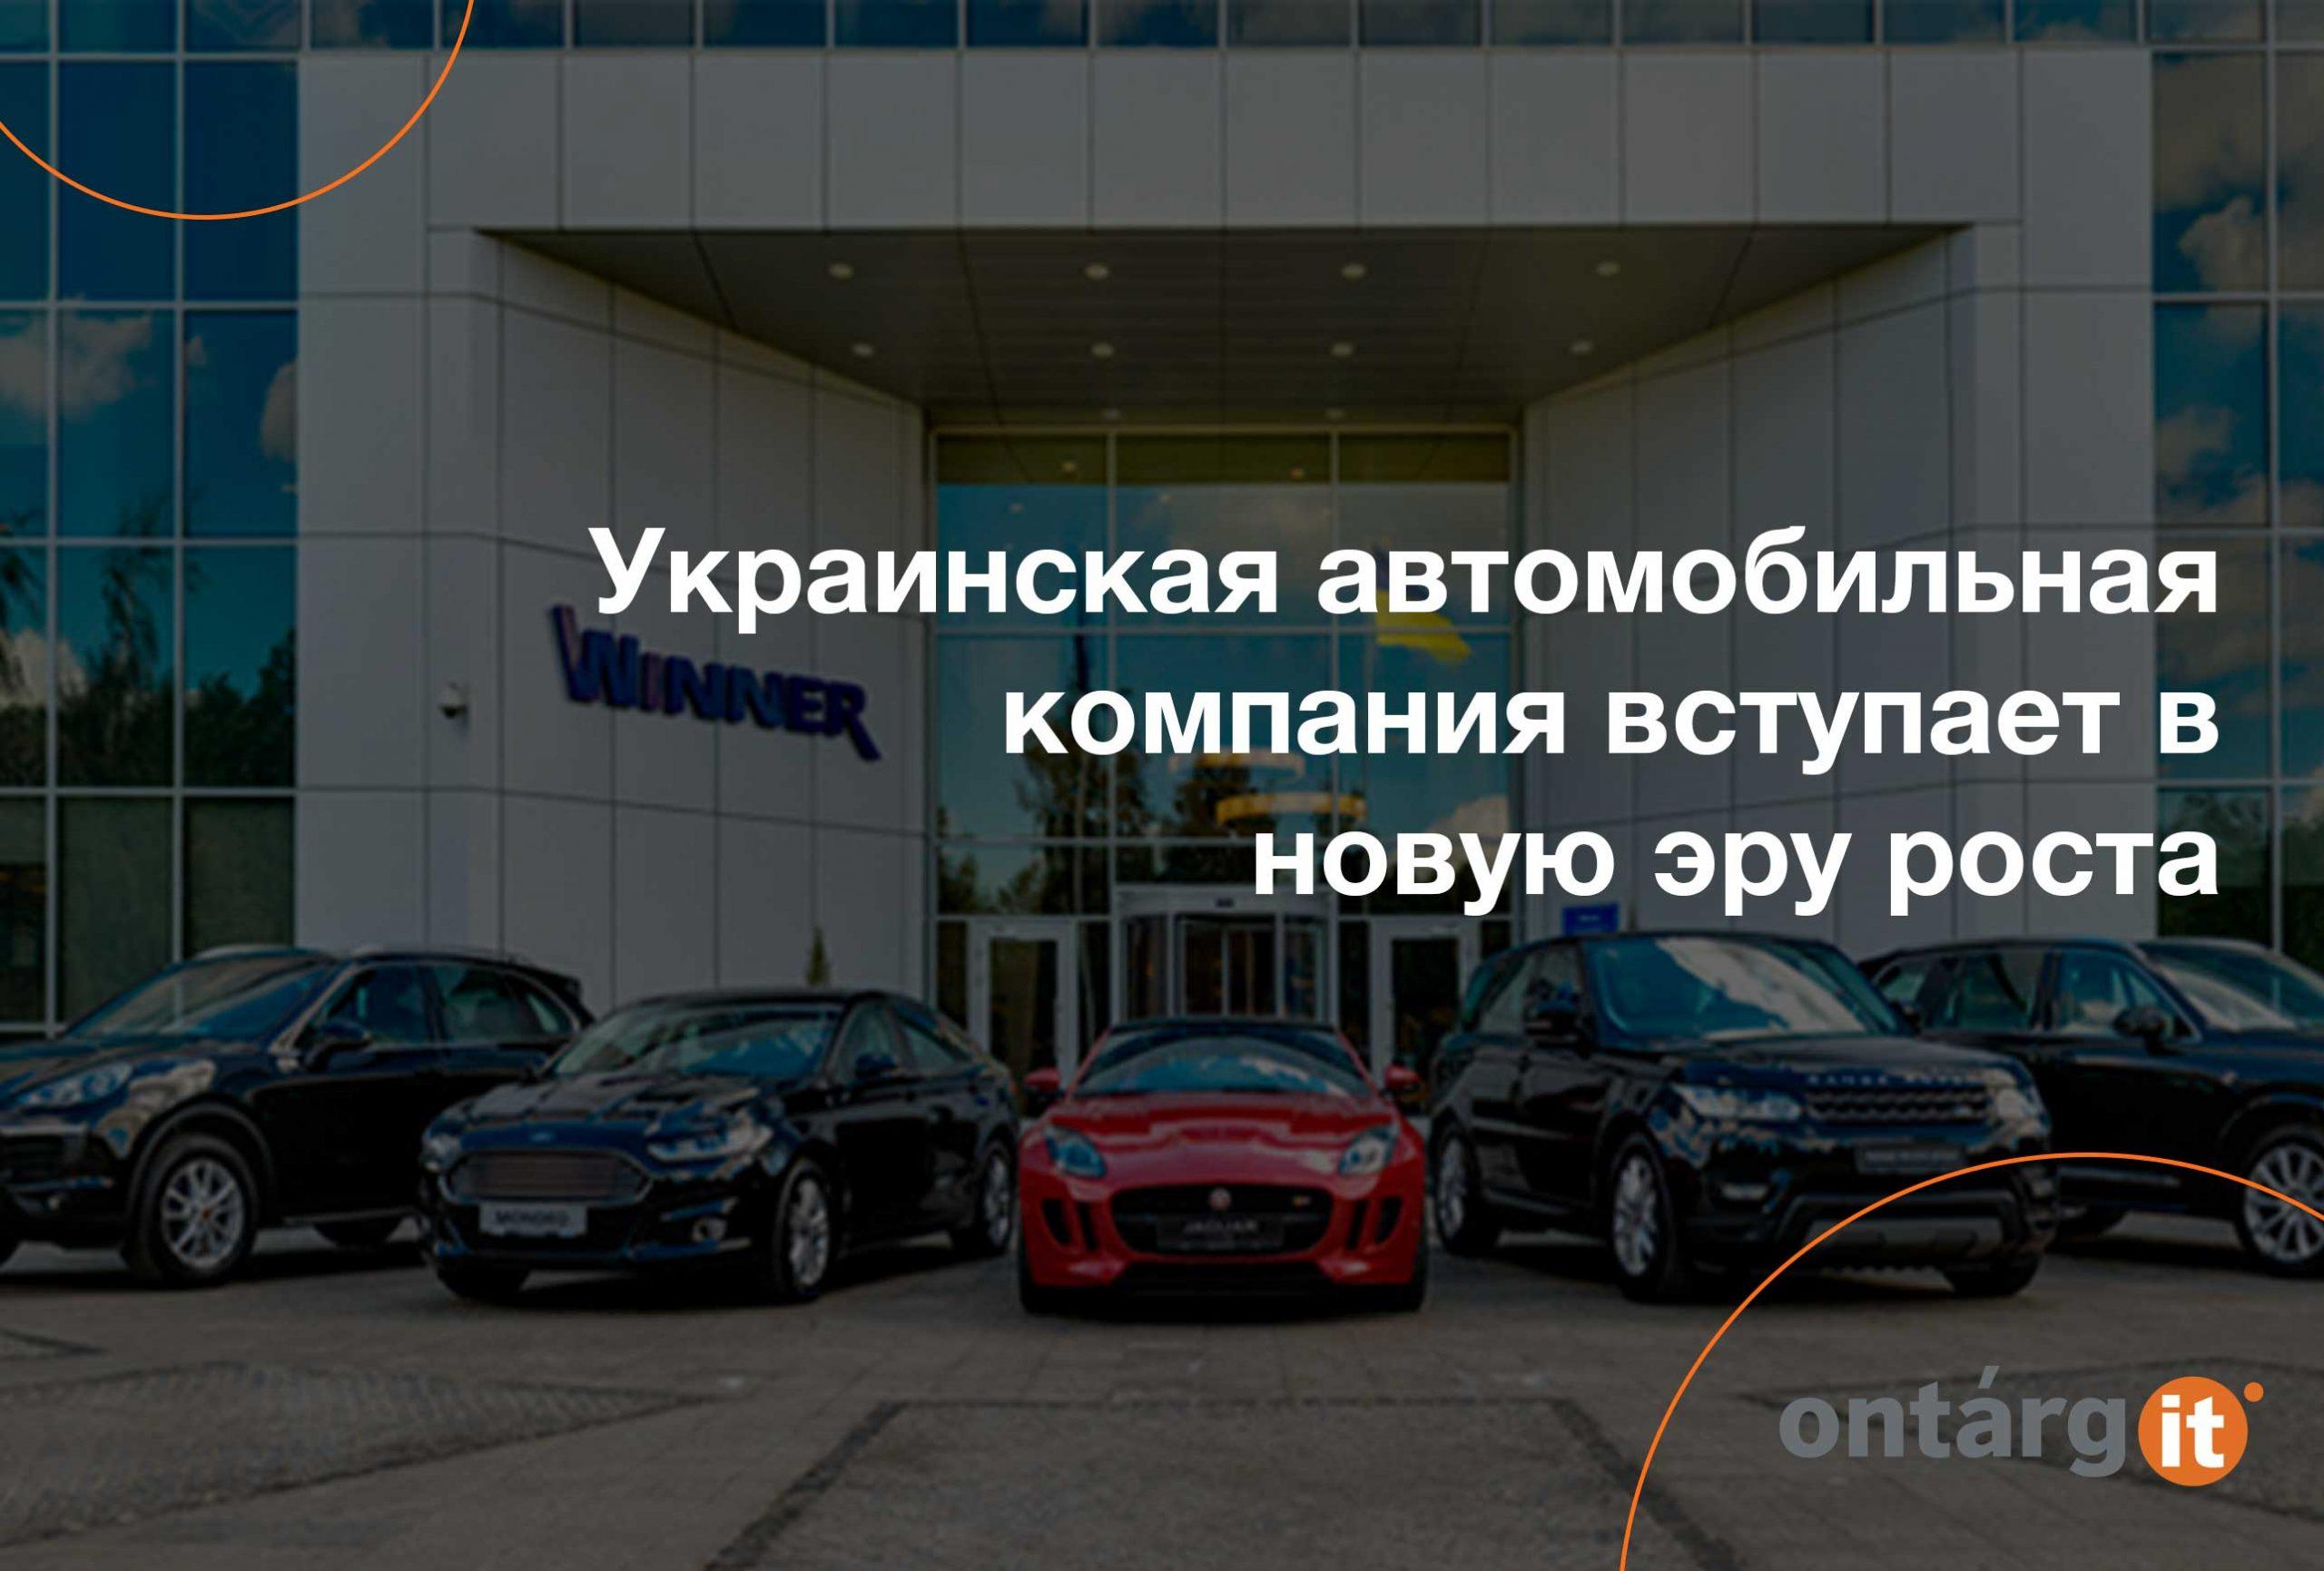 Украинская-автомобильная-компания-вступает-в-новую-эру-роста